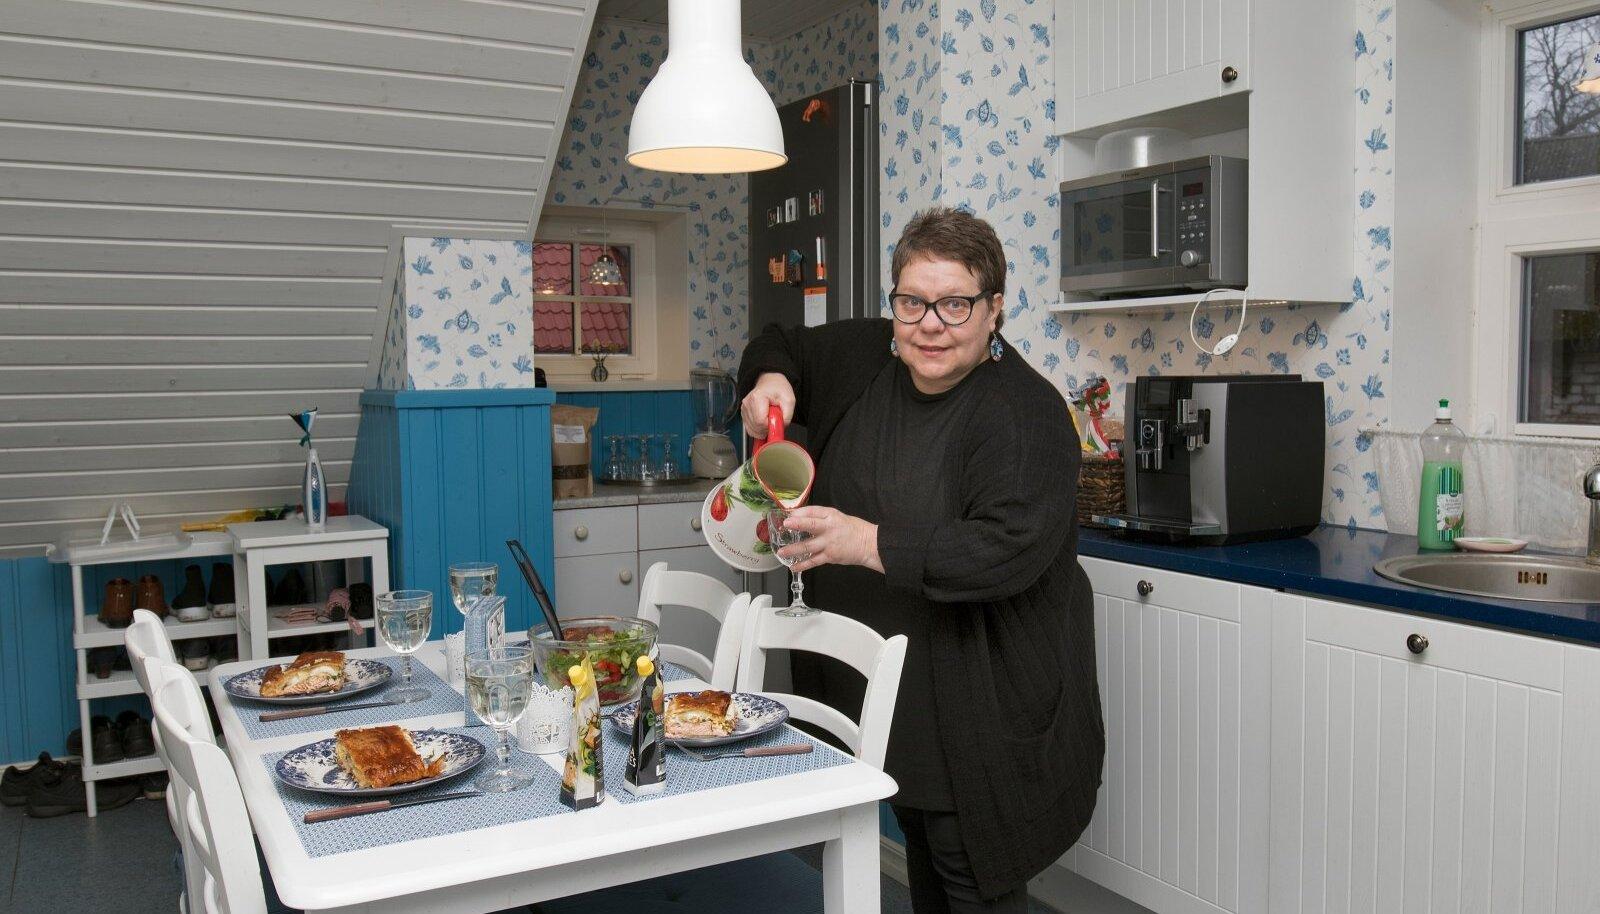 Sini-valges köögis laua ääres on mõnus ilmaelust vestelda ning Maire tehtud kookide ja pirukatega maiustada.